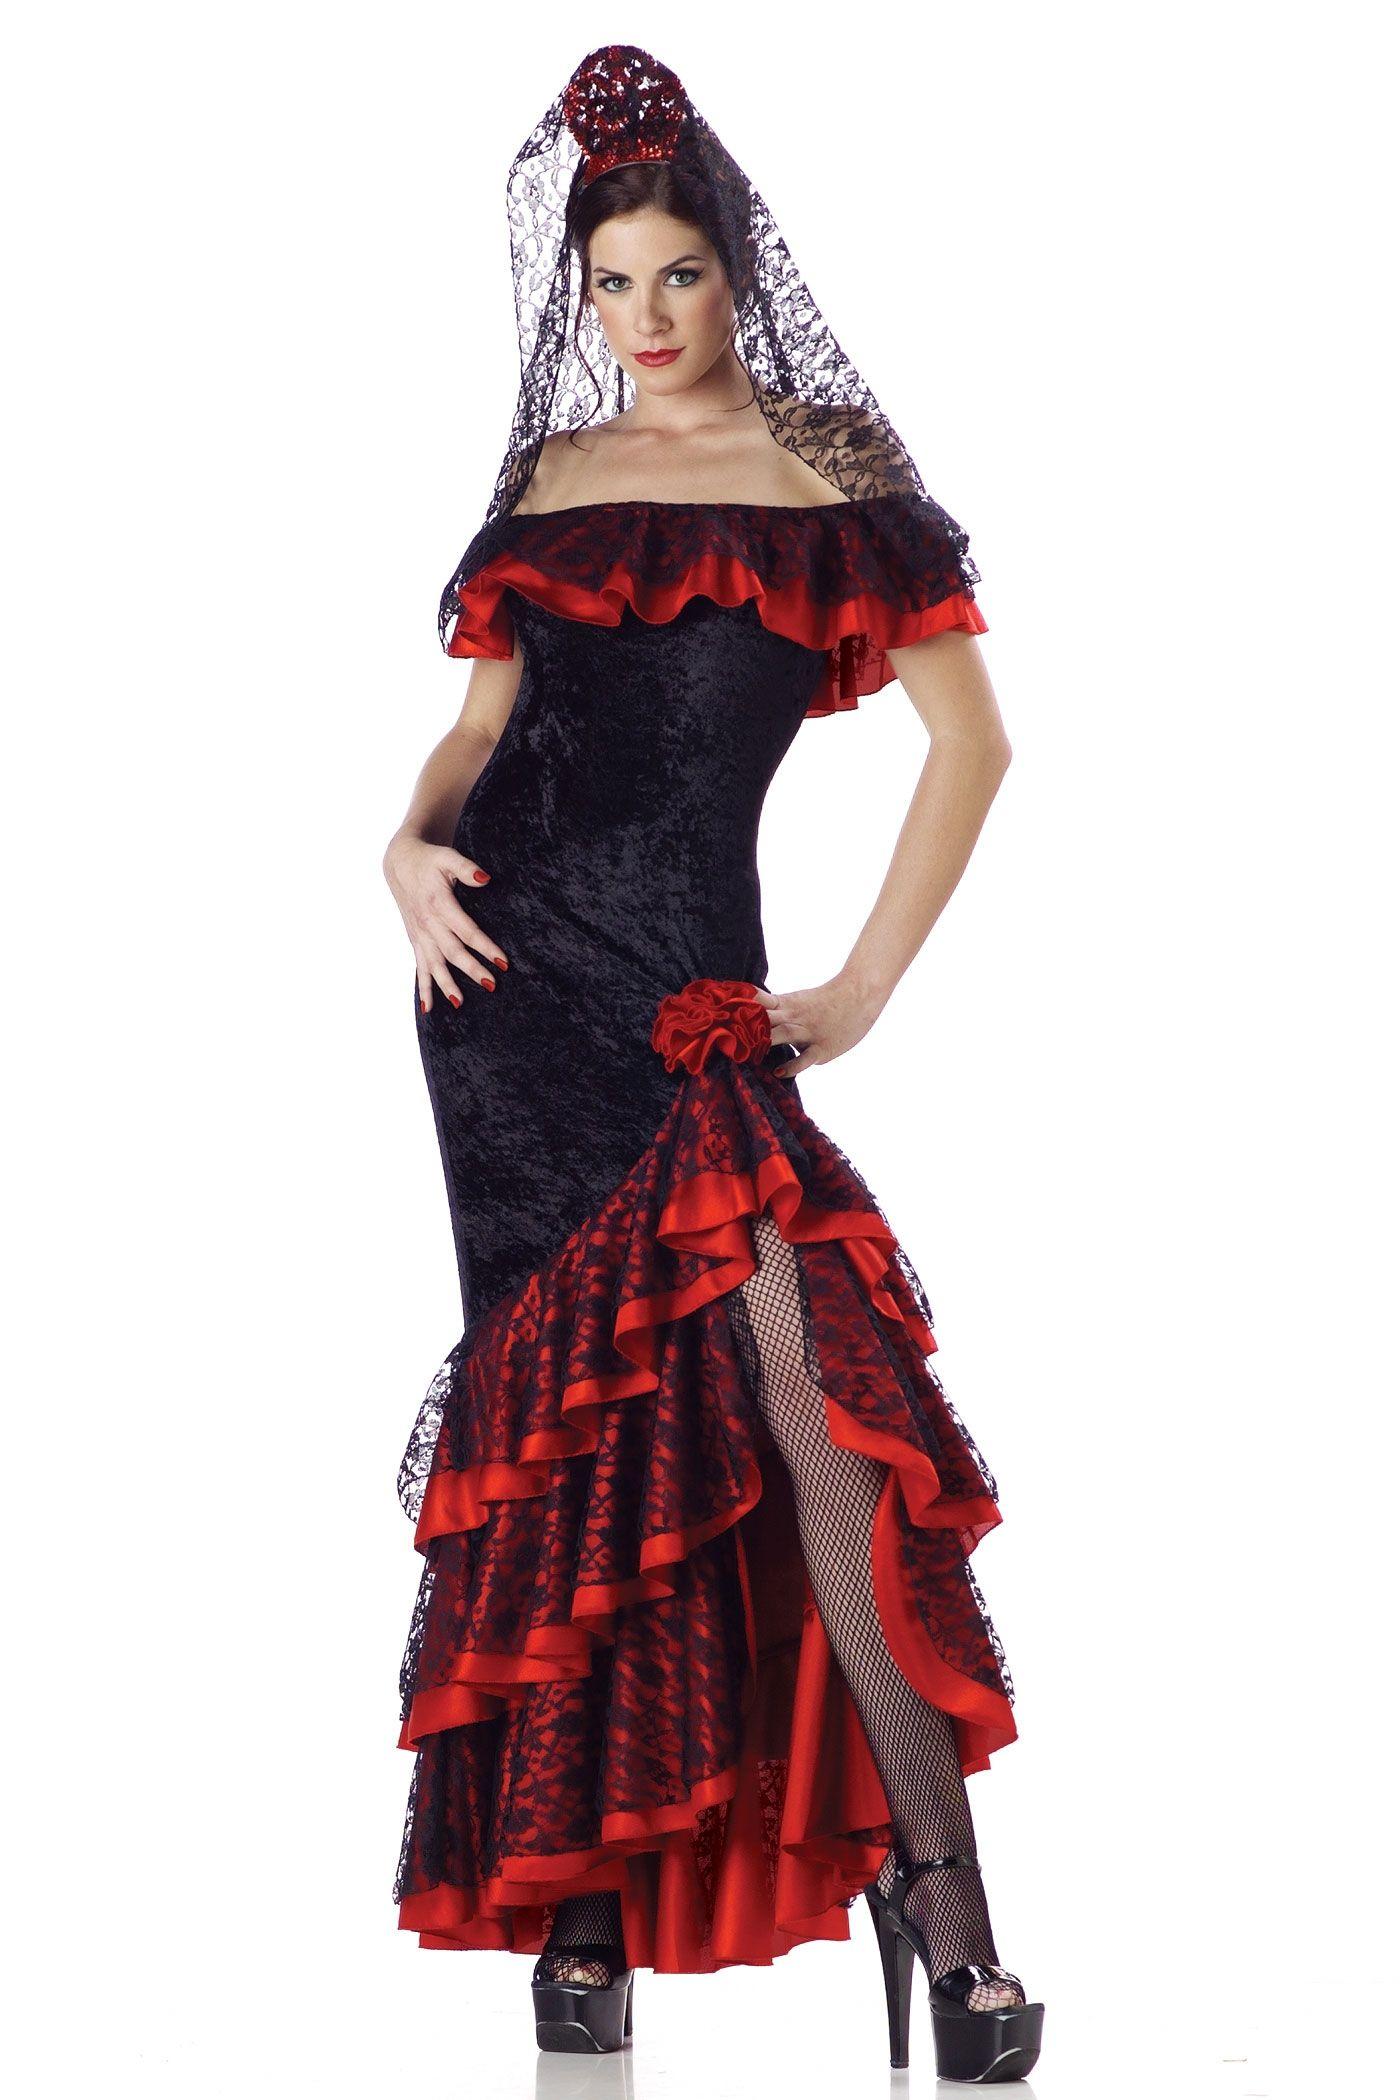 показать фото карнавальных костюмов испании пётр